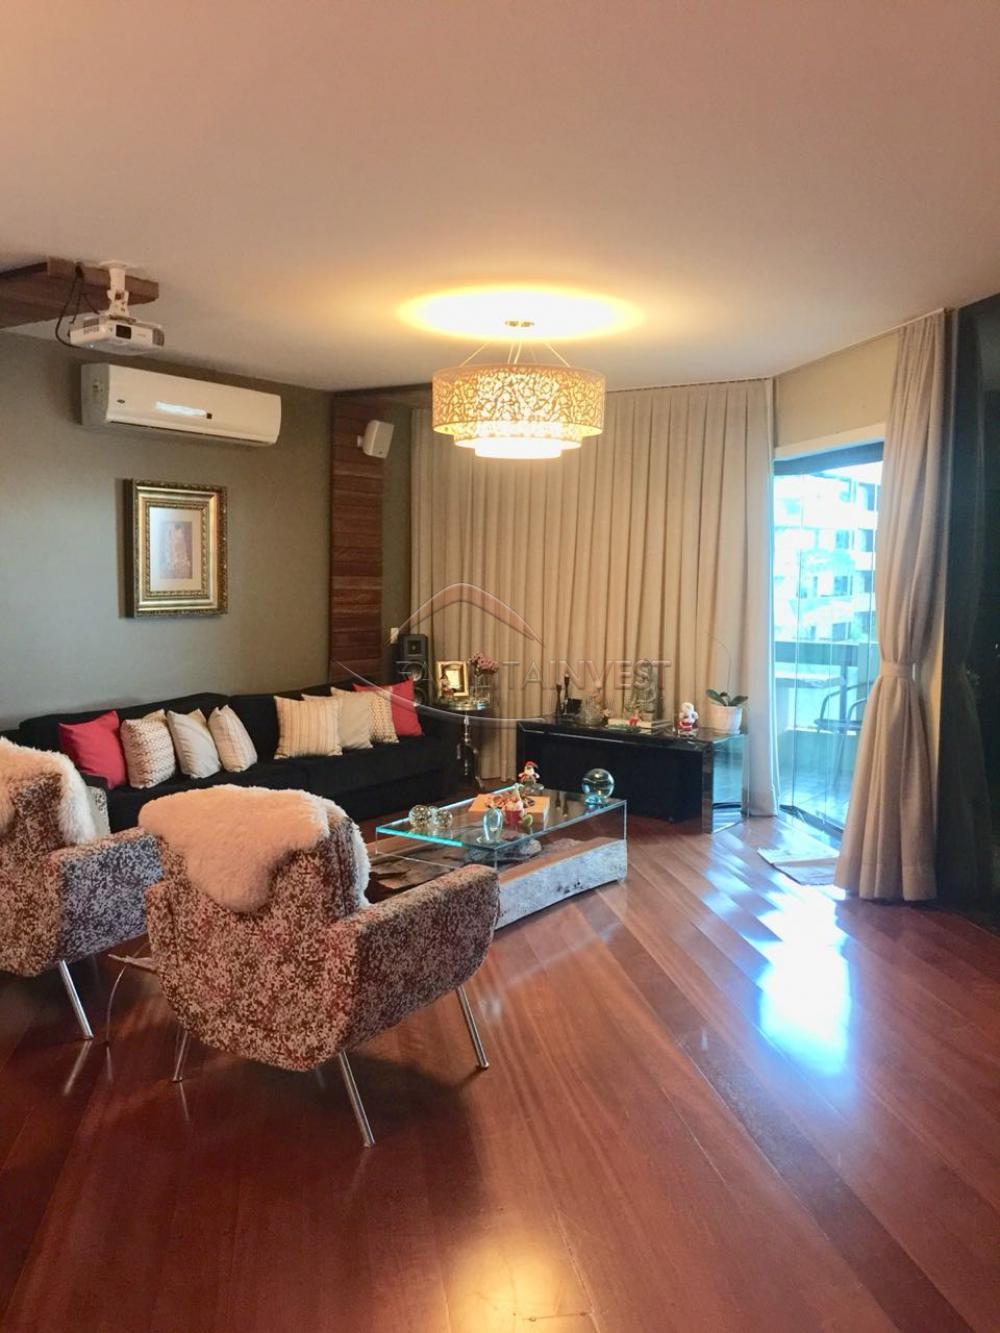 Comprar Apartamentos / Apart. Padrão em Ribeirão Preto apenas R$ 980.000,00 - Foto 2